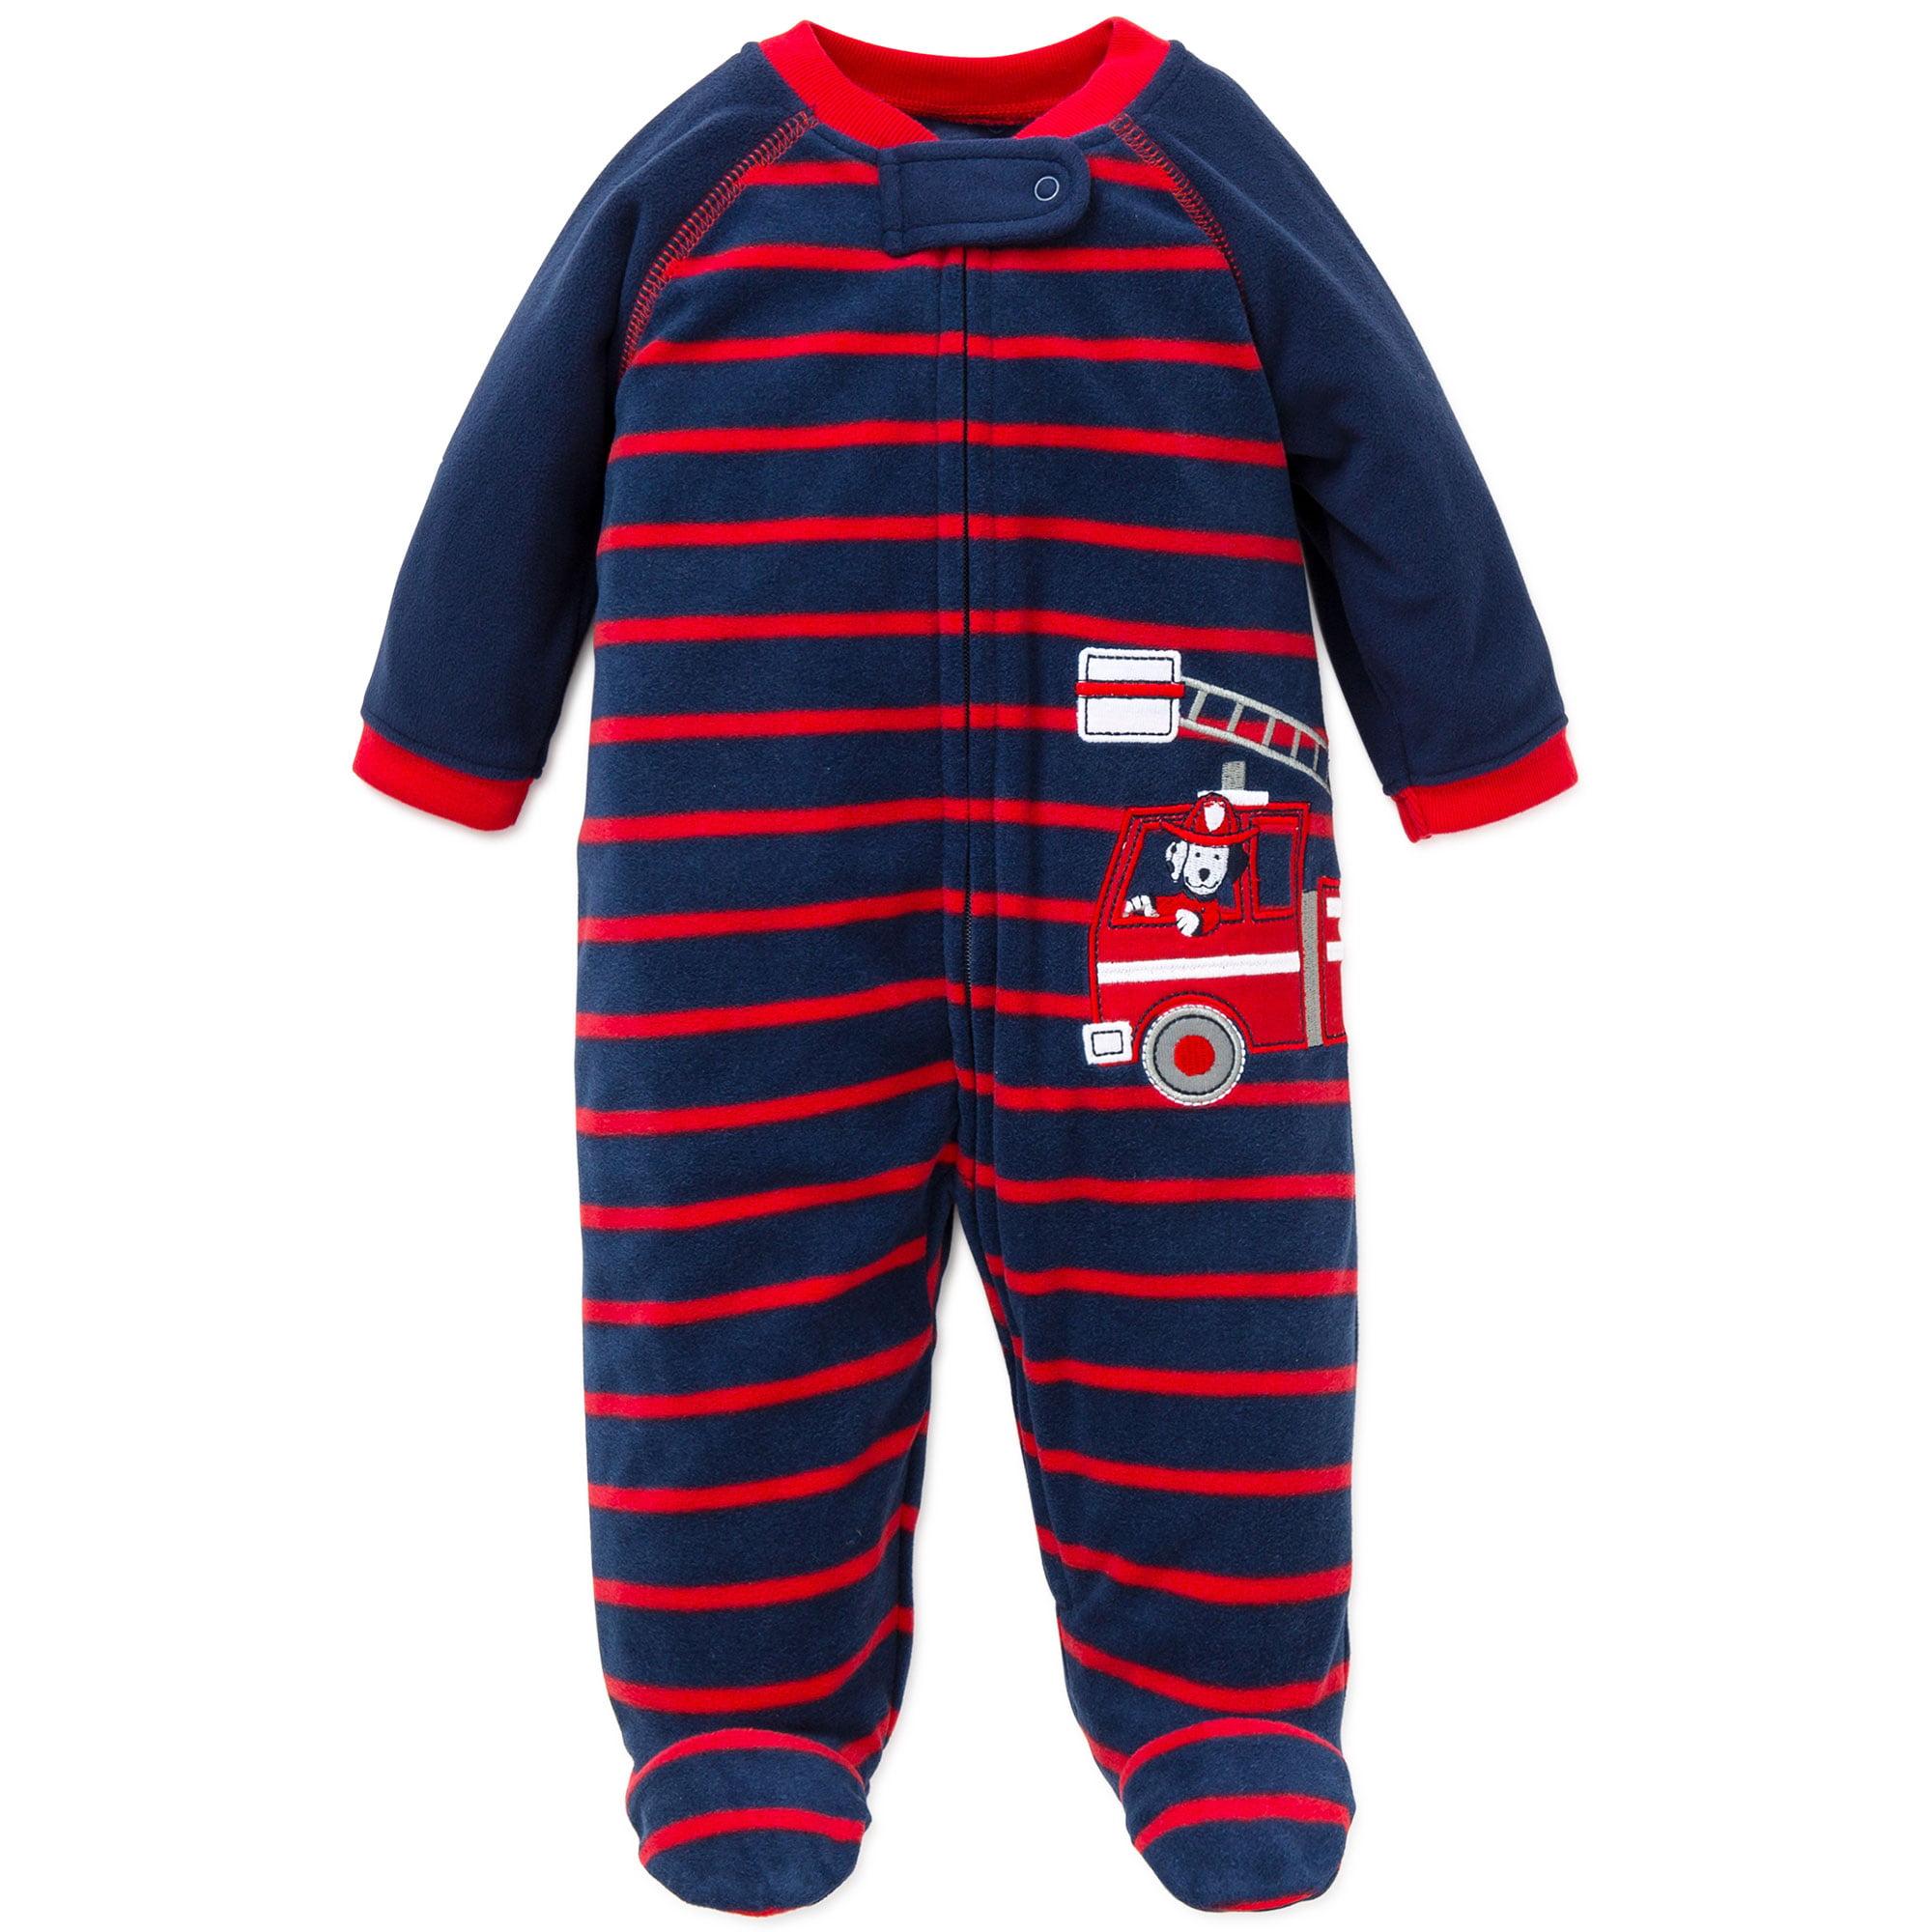 56c524c92 Little Me - Little Me Firetruck Warm Fleece Blanket Sleeper Footie ...